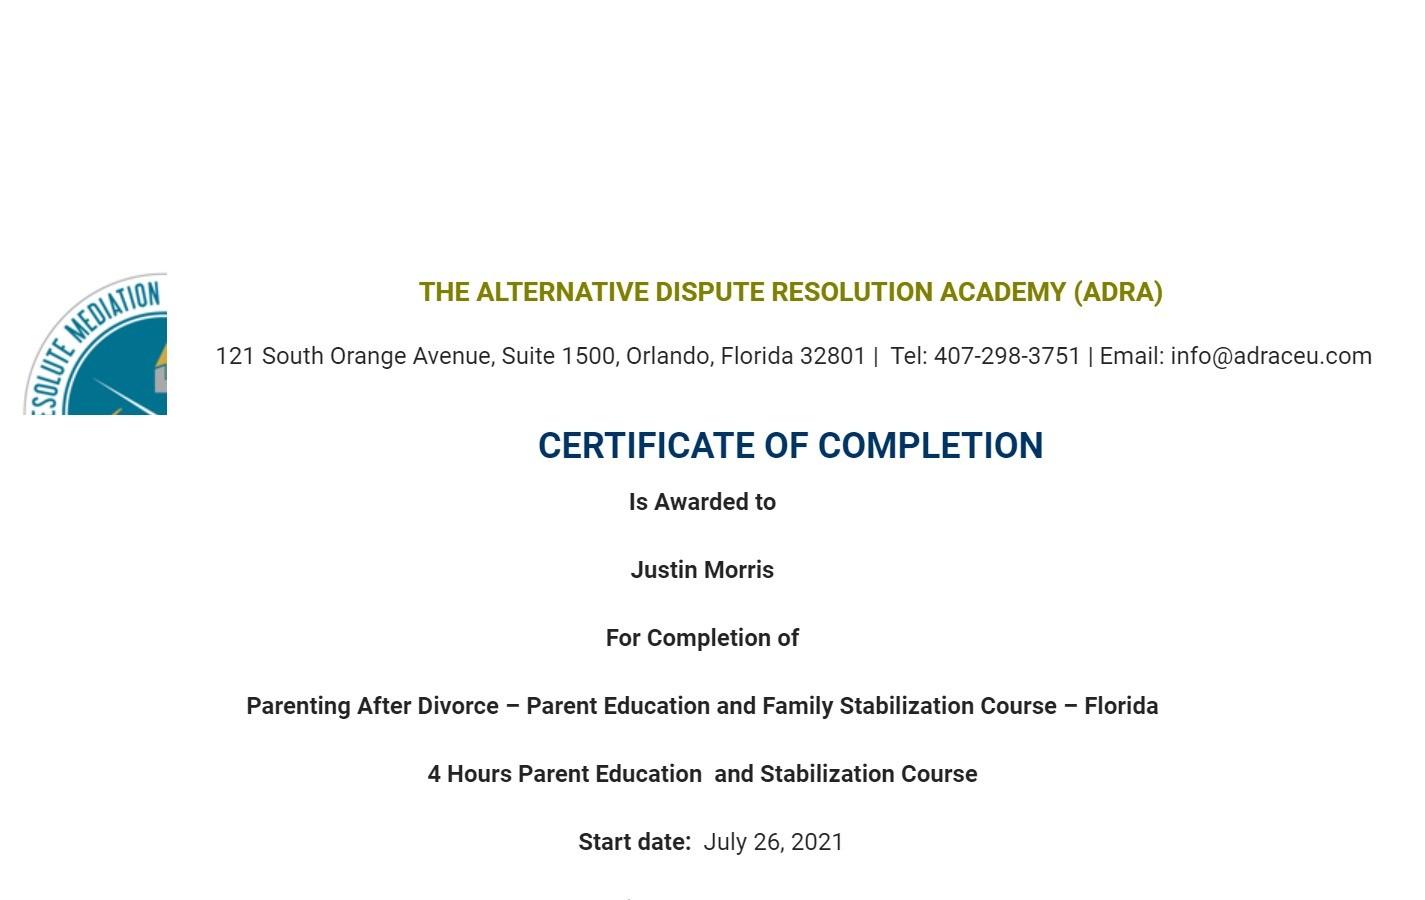 Certificate for User Justin Morris